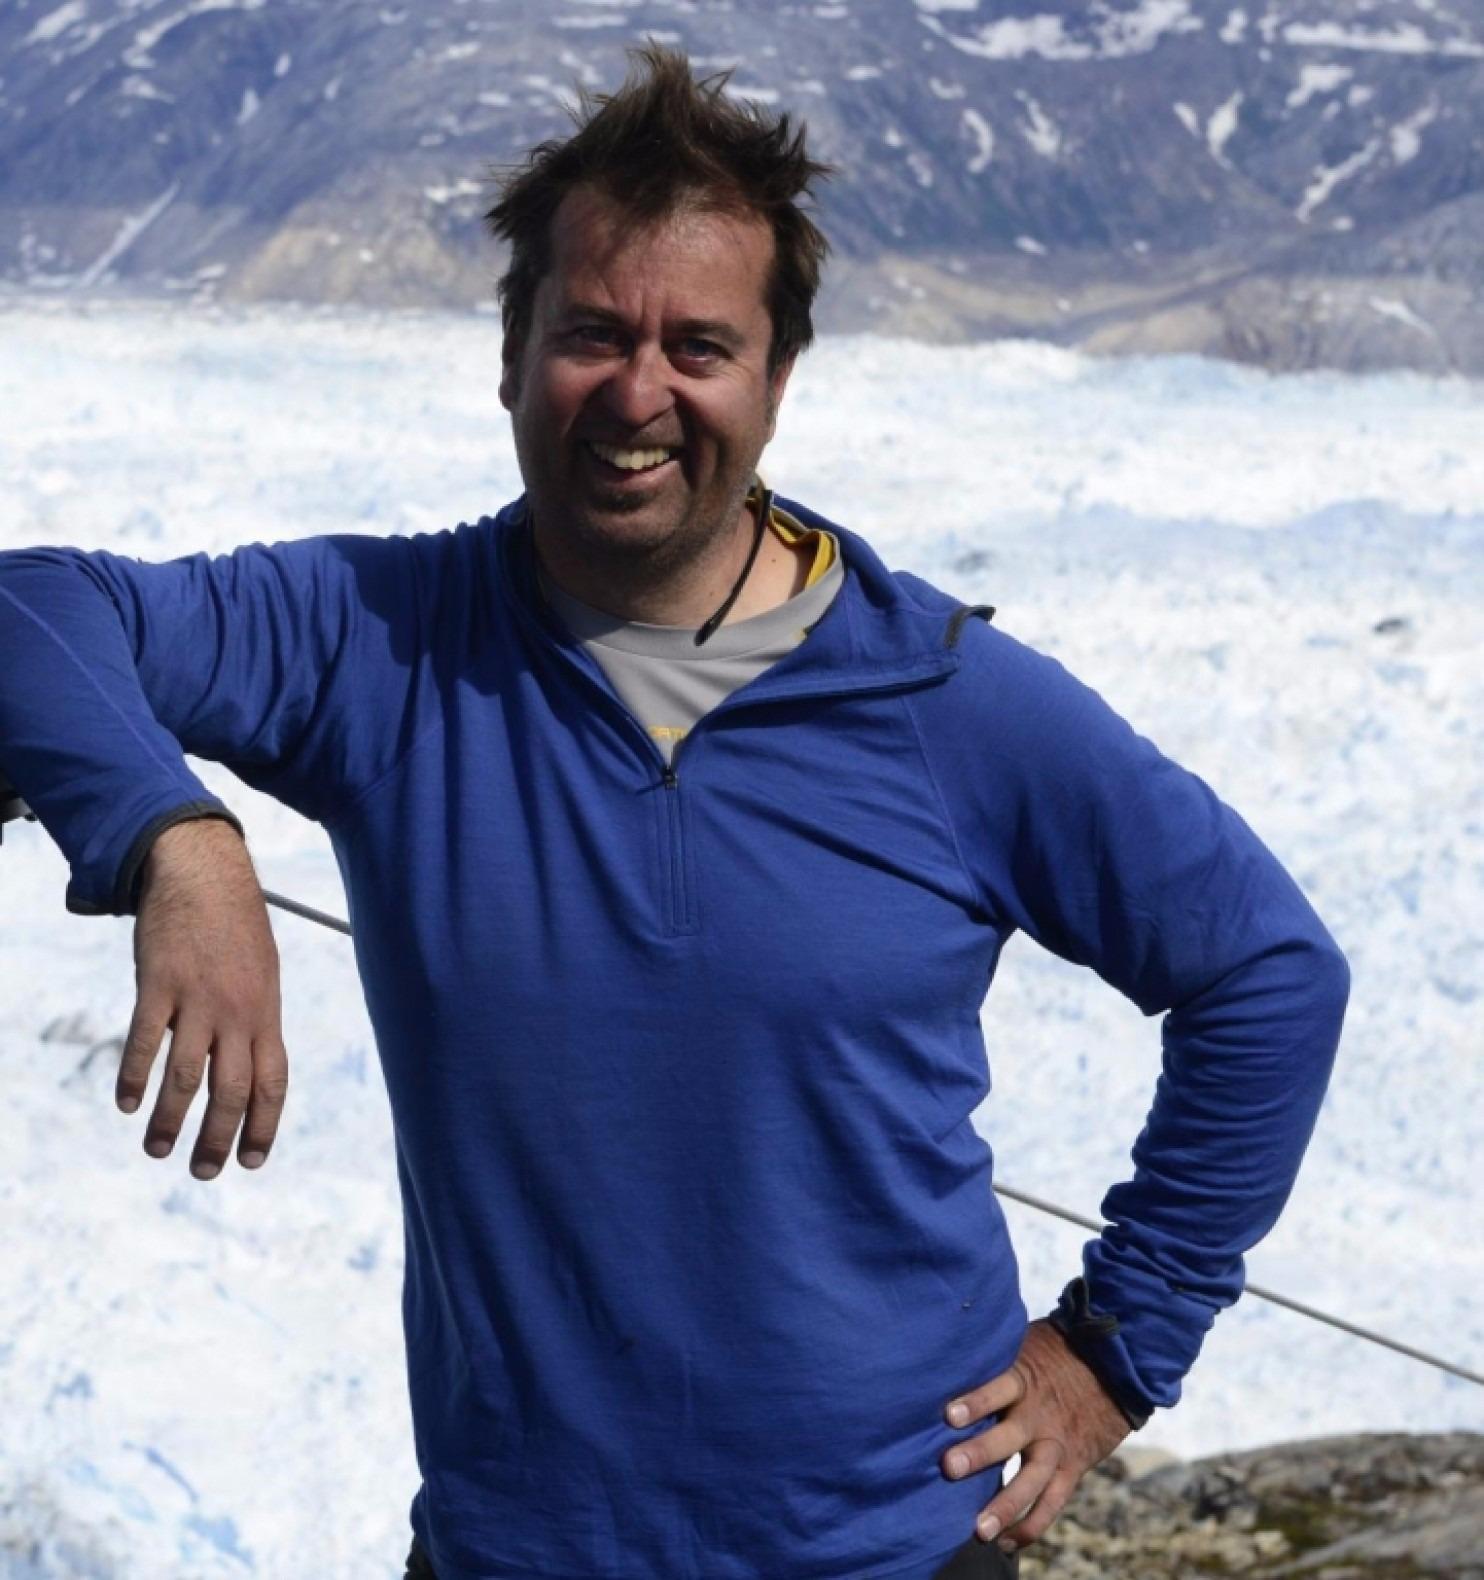 Climate scientist Gordon Hamilton, 50, dies in accident in Antarctica